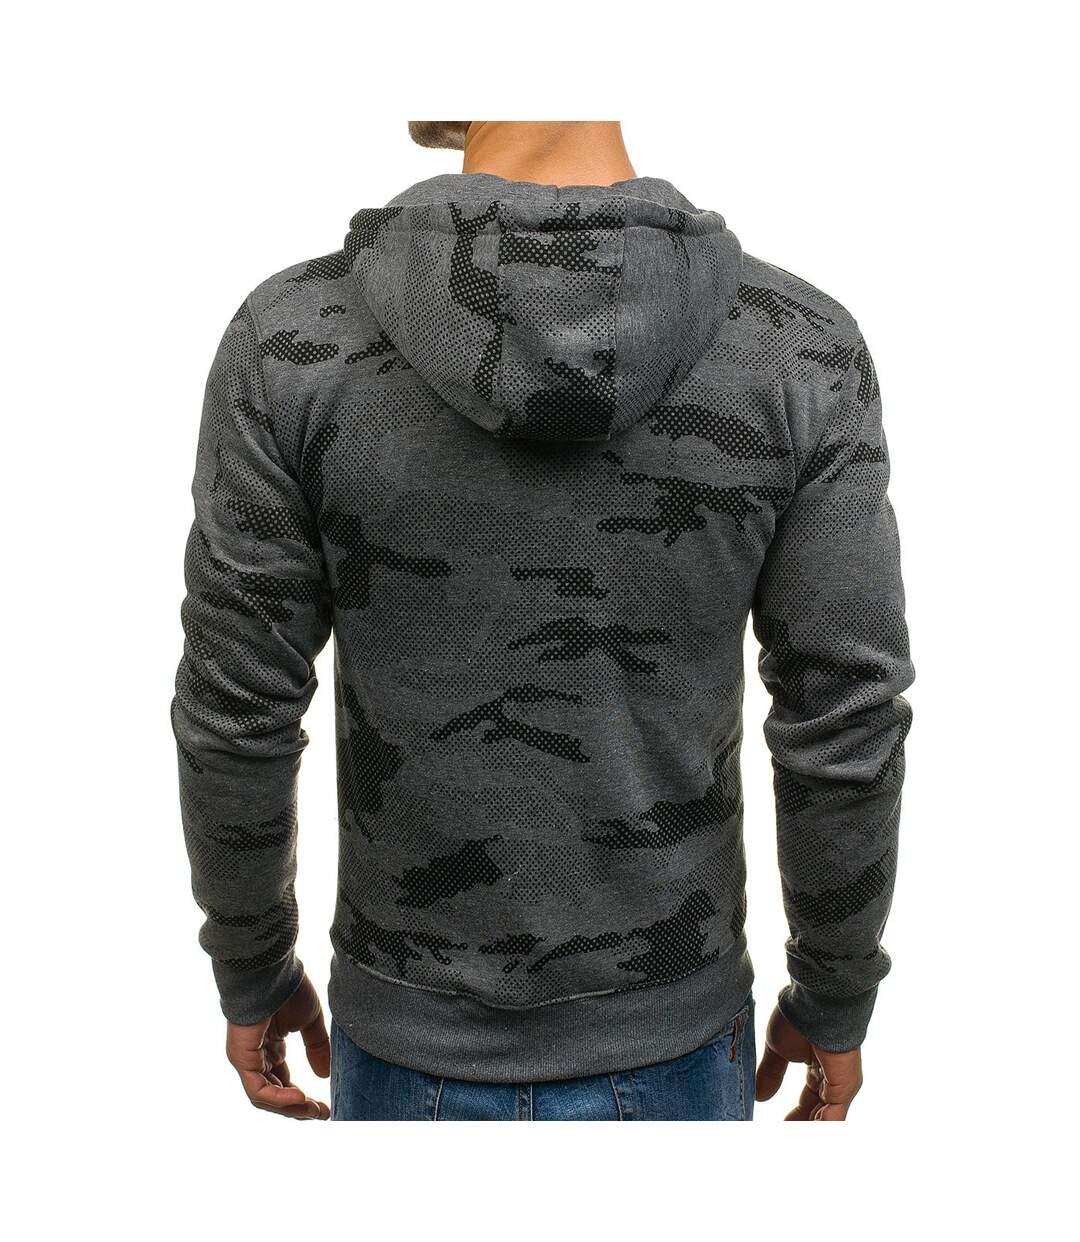 Veste zippée à capuche Veste camo M466 gris